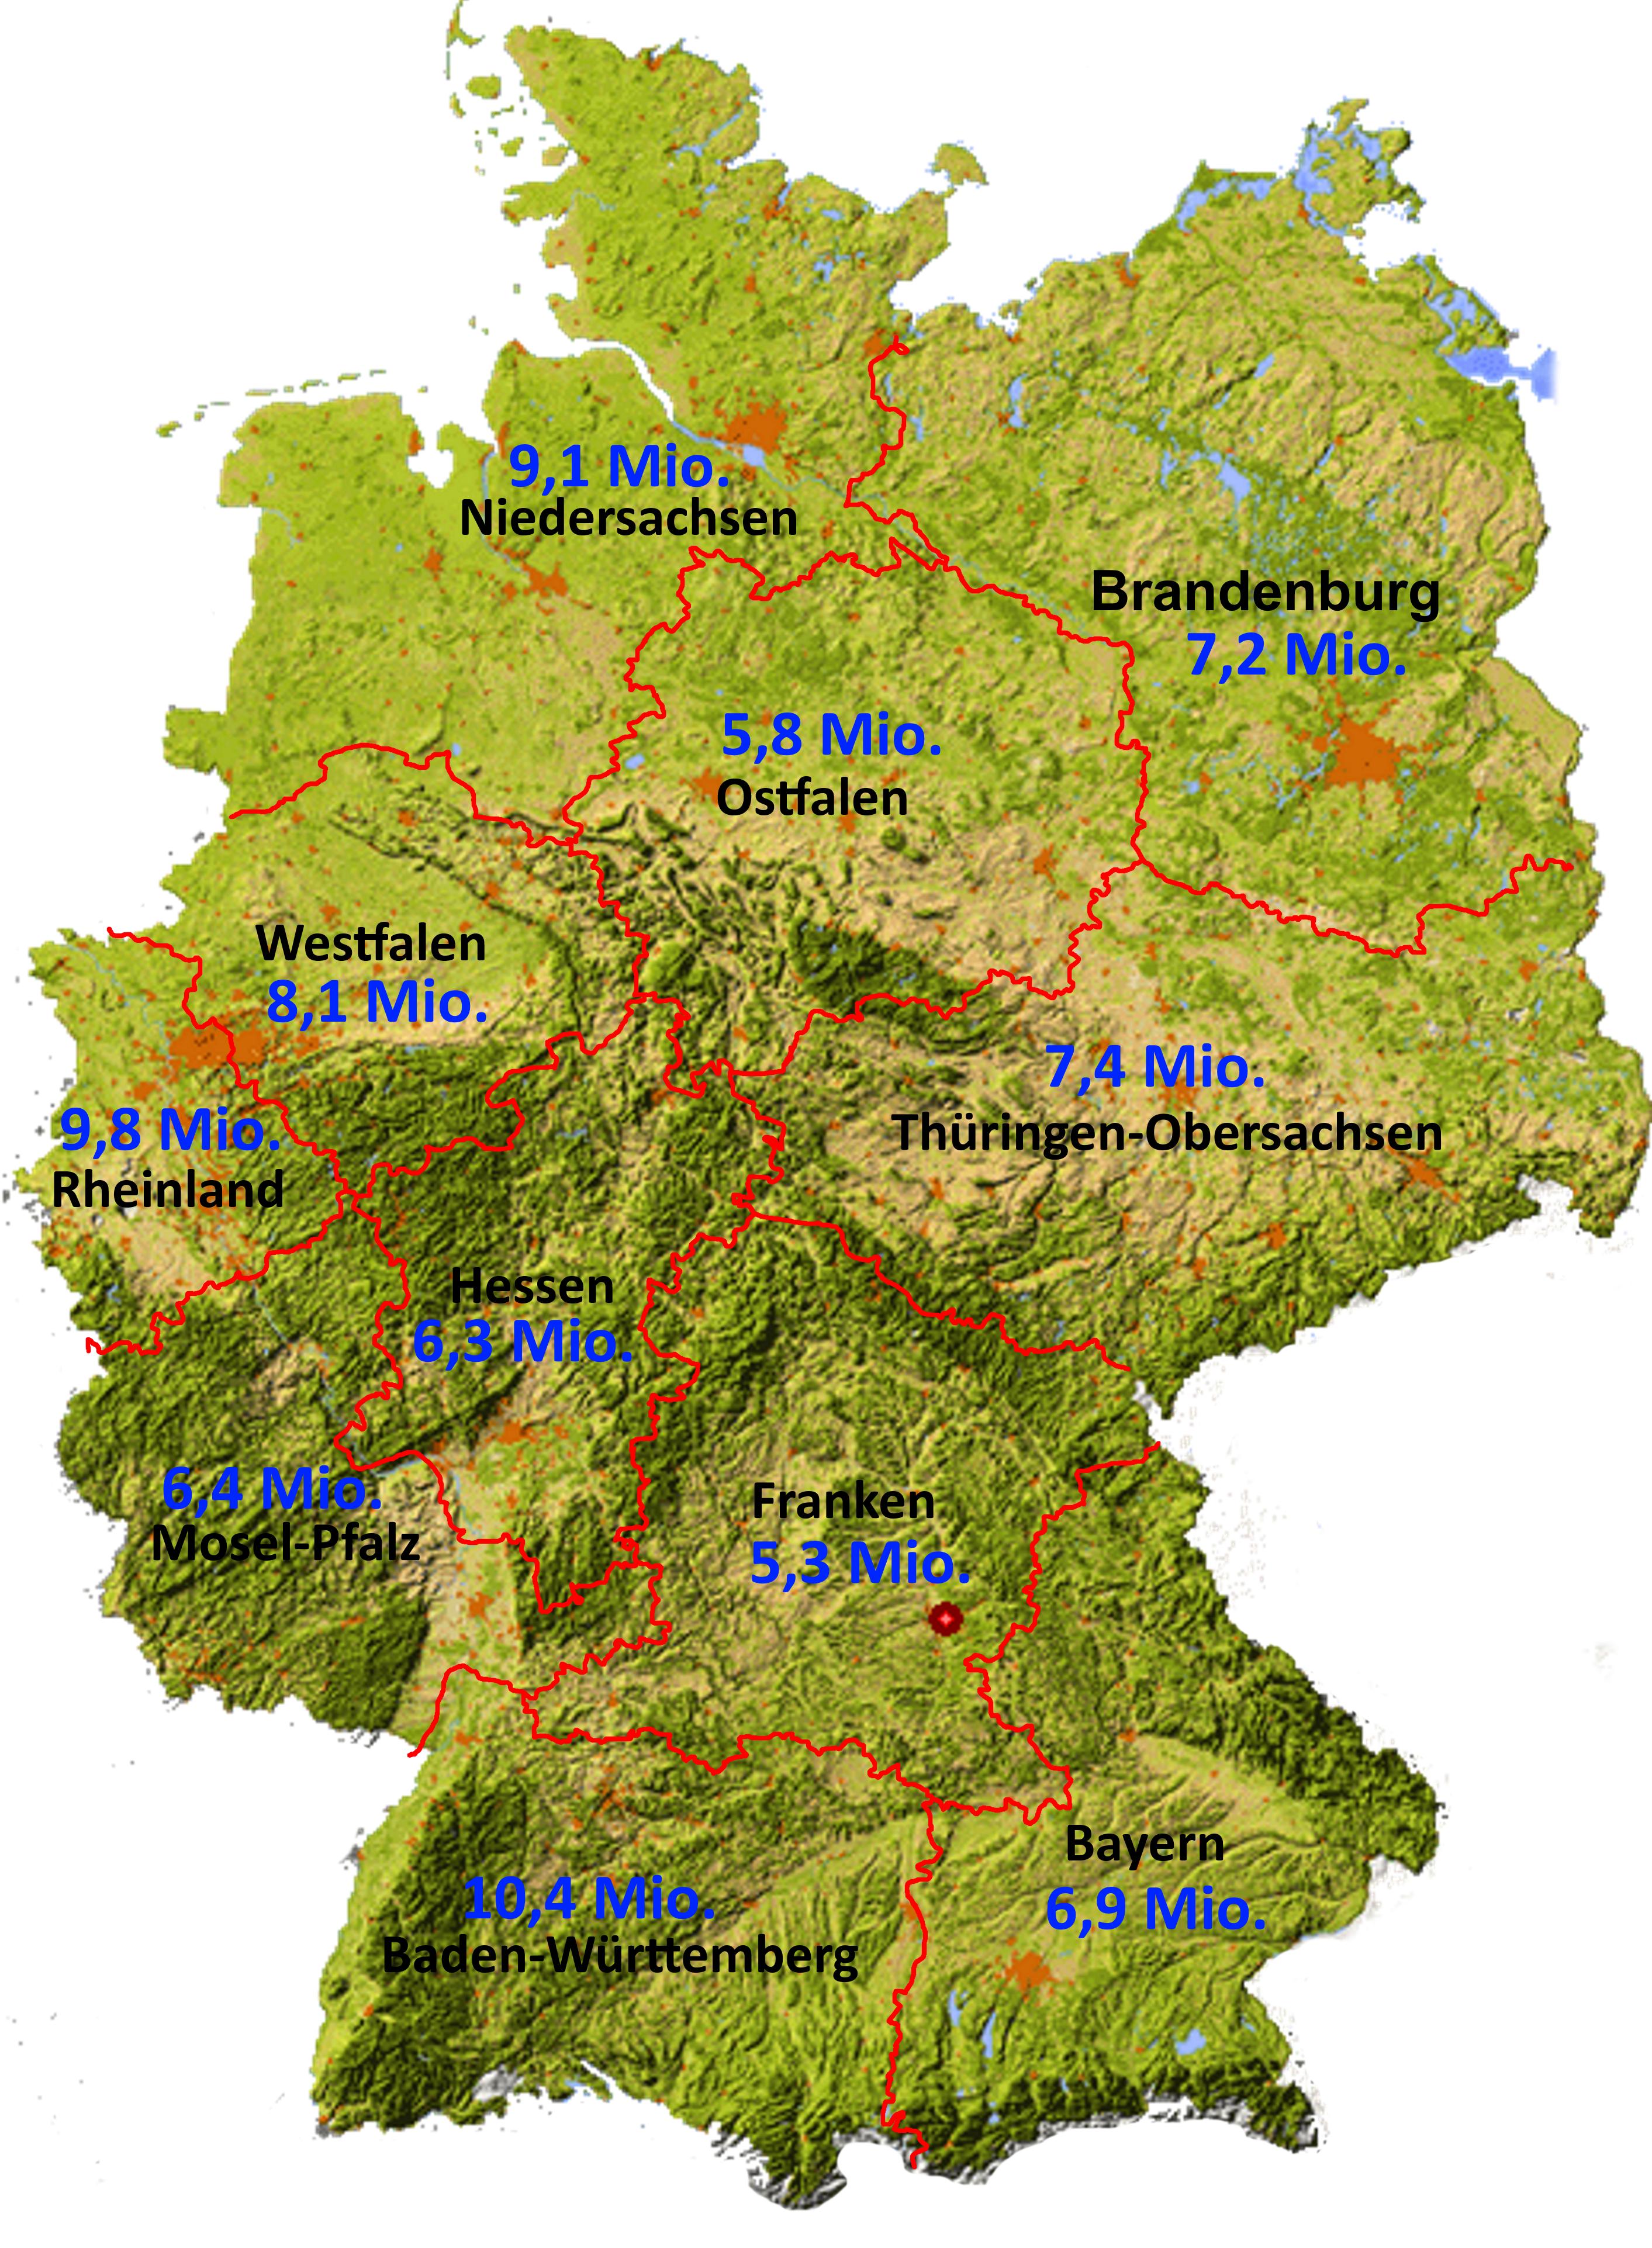 Neugliederung des Bundesgebiets - Home - Bundesrepublik Deutschland Bundesländer Karte